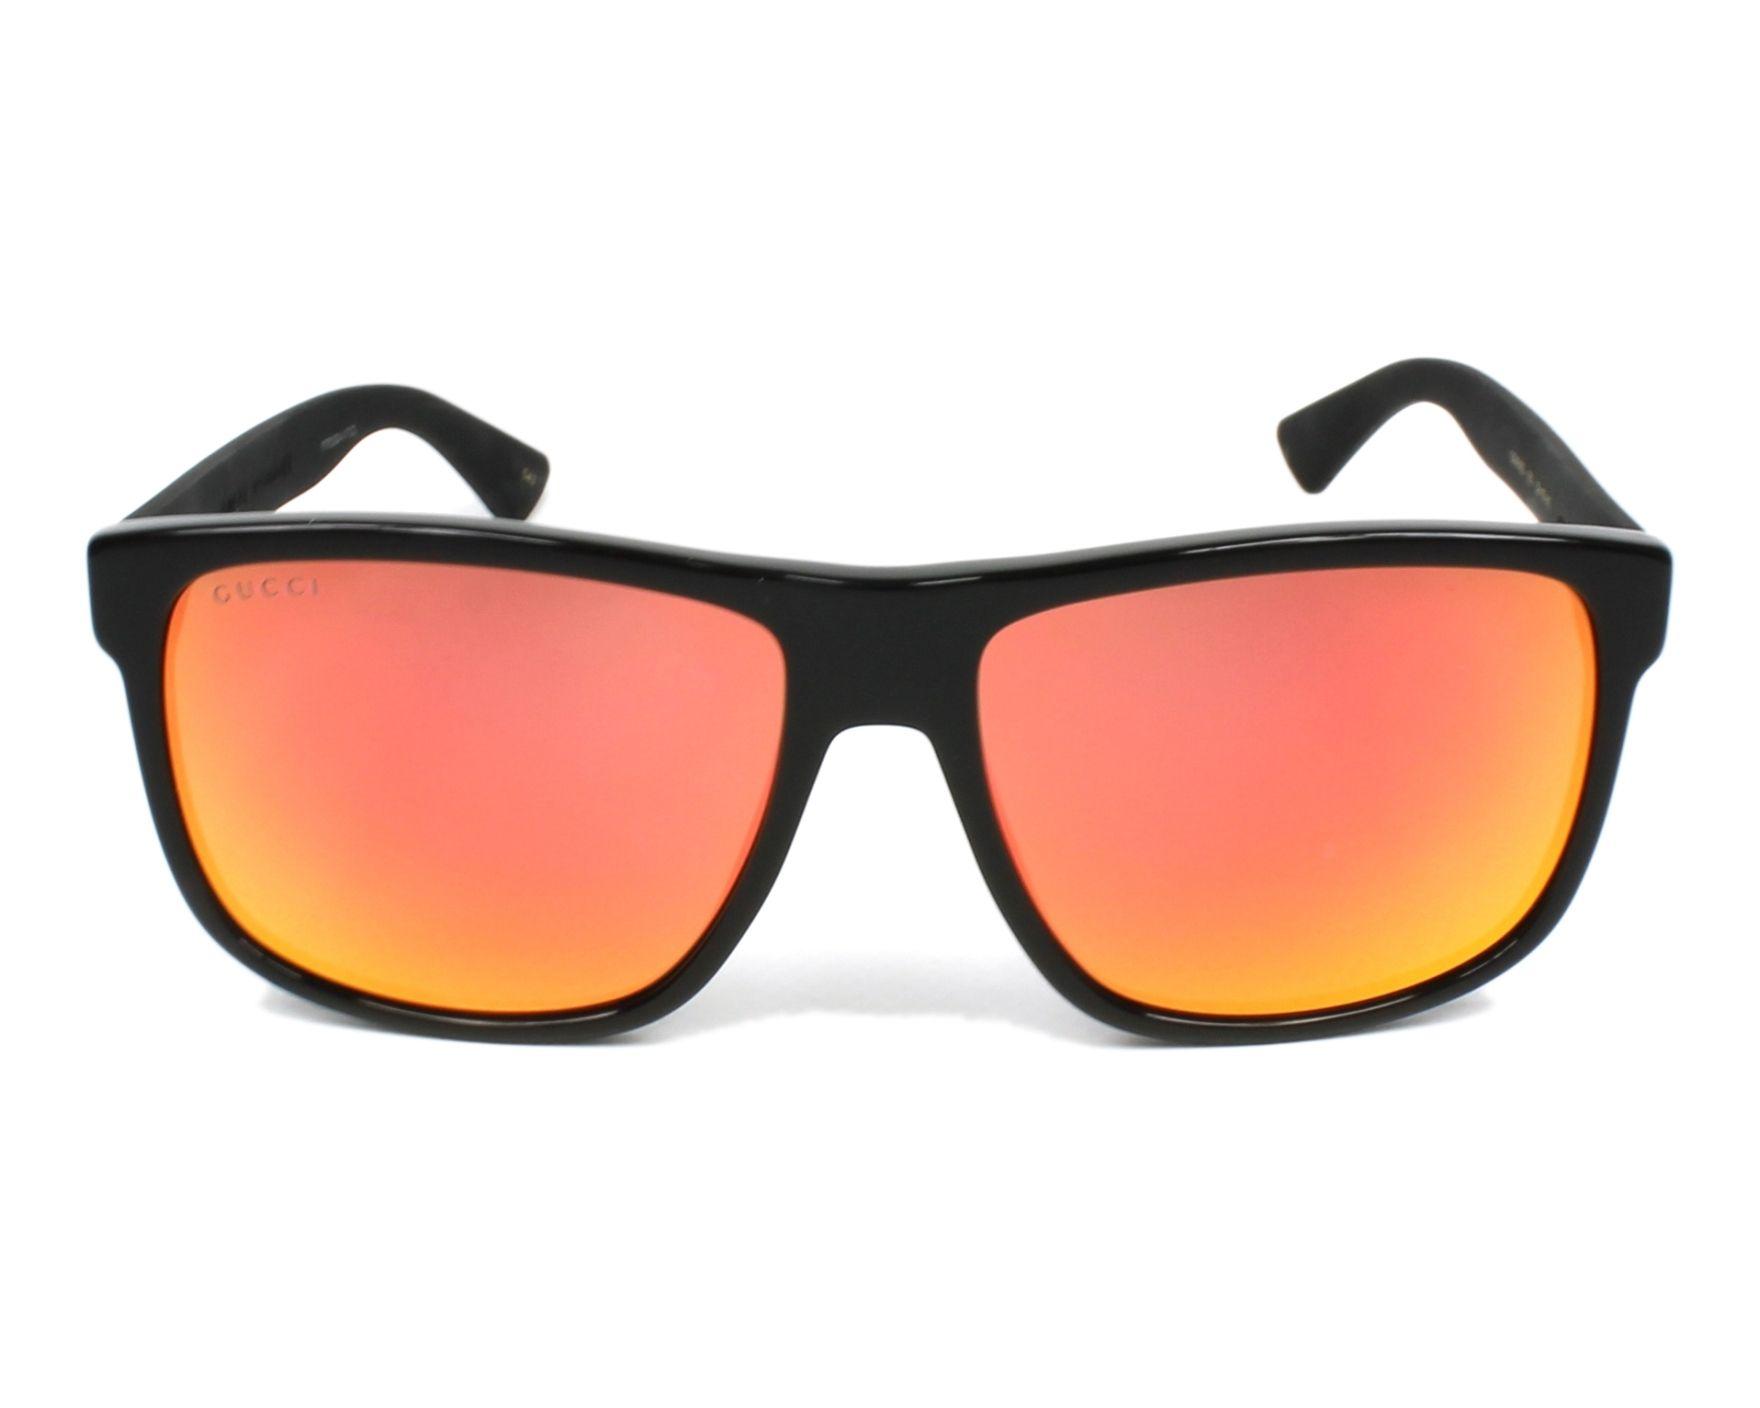 ed1587382f Sunglasses Gucci GG-0010-S 002 58-16 Black Black front view